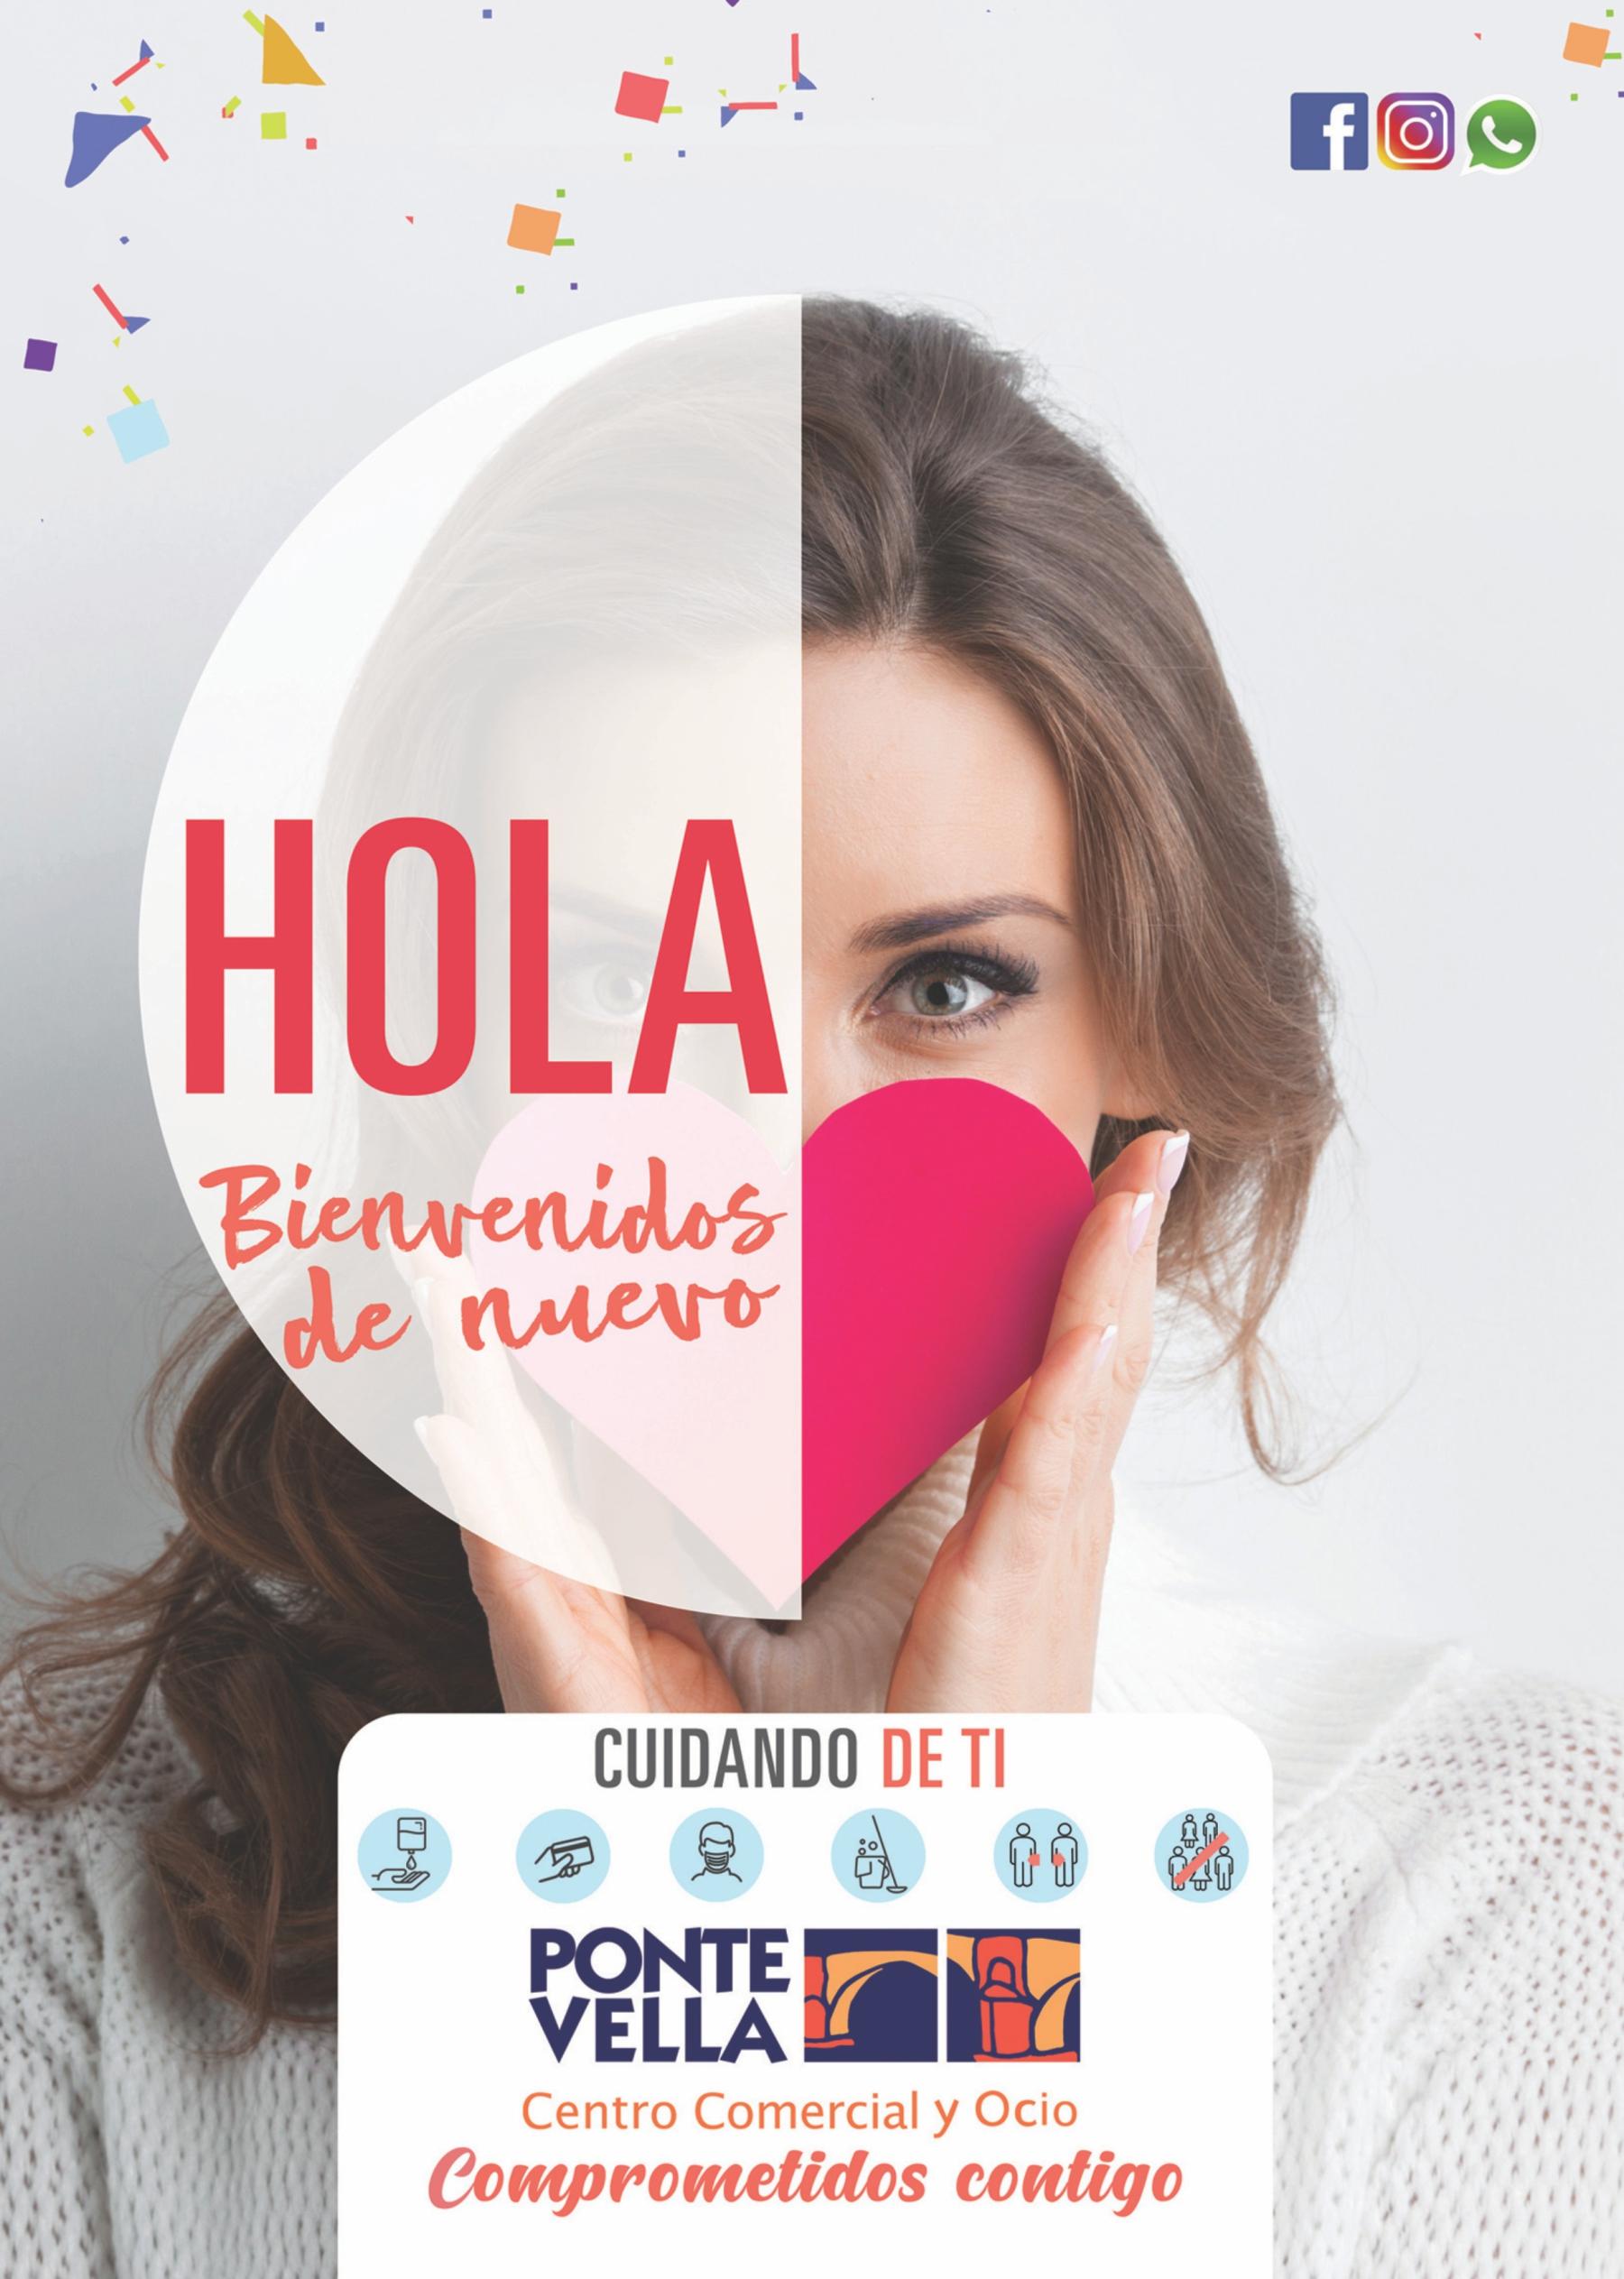 HOLA! BIENVENIDOS DE NUEVO!